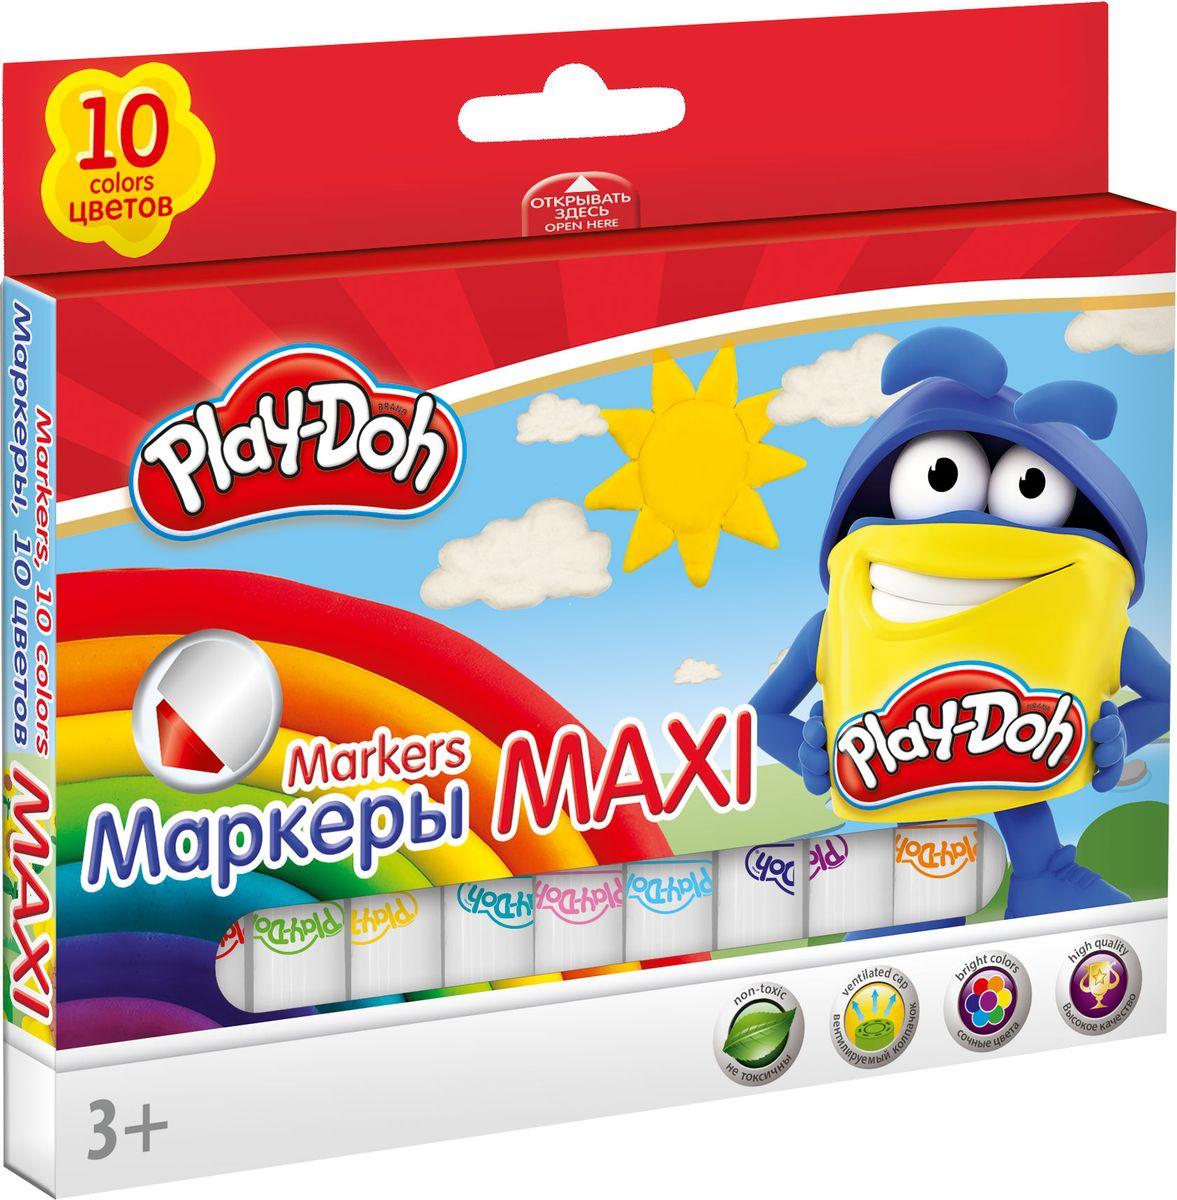 Play Doh Набор цветных маркеров Maxi 10 шт72523WDНабор маркеров Play-Doh Maxi, предназначенный специально для рисования и закрашивания, обязательно порадует юных художников и поможет им создать яркие и неповторимые картинки.Корпус маркеров изготовлен из высококачественного нетоксичного пластика, а вентилируемый колпачок увеличивает срок службы чернил и предотвращает их преждевременное высыхание. Эргономичная форма корпуса увеличенной толщины обеспечивает комфортное и легкое рисование.Набор включает в себя 10 маркеров ярких насыщенных цветов.